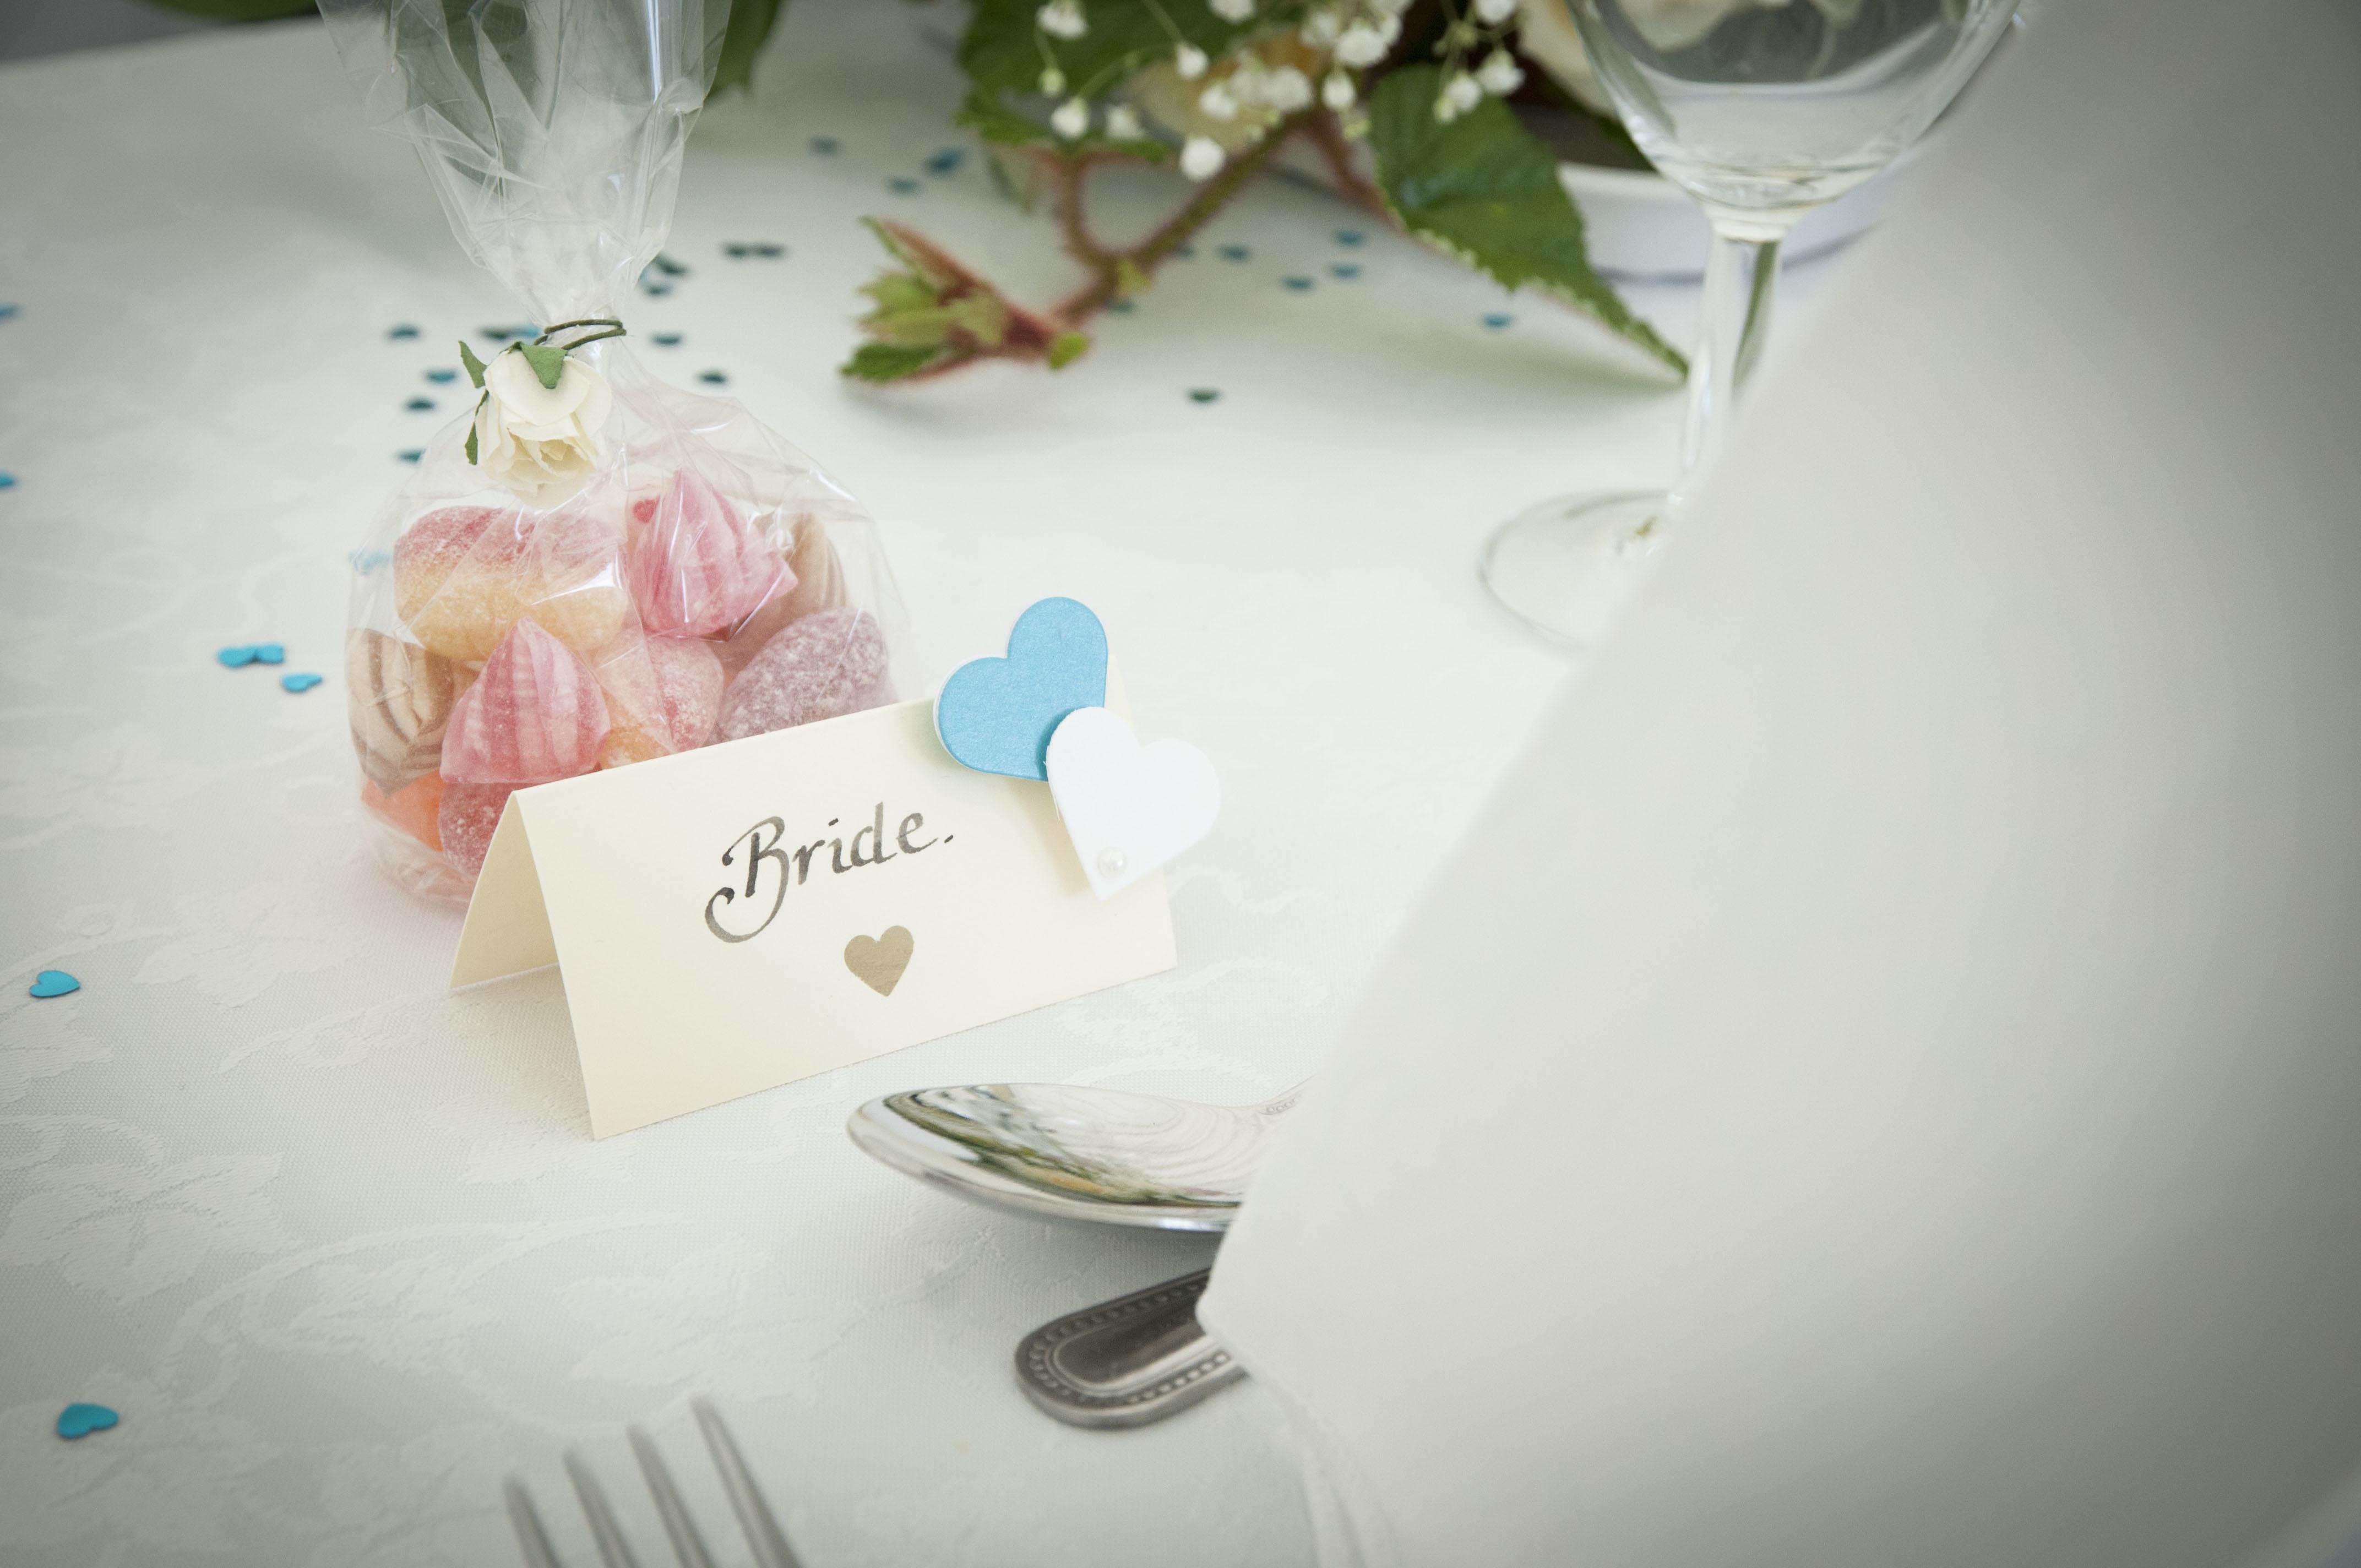 Bride favour